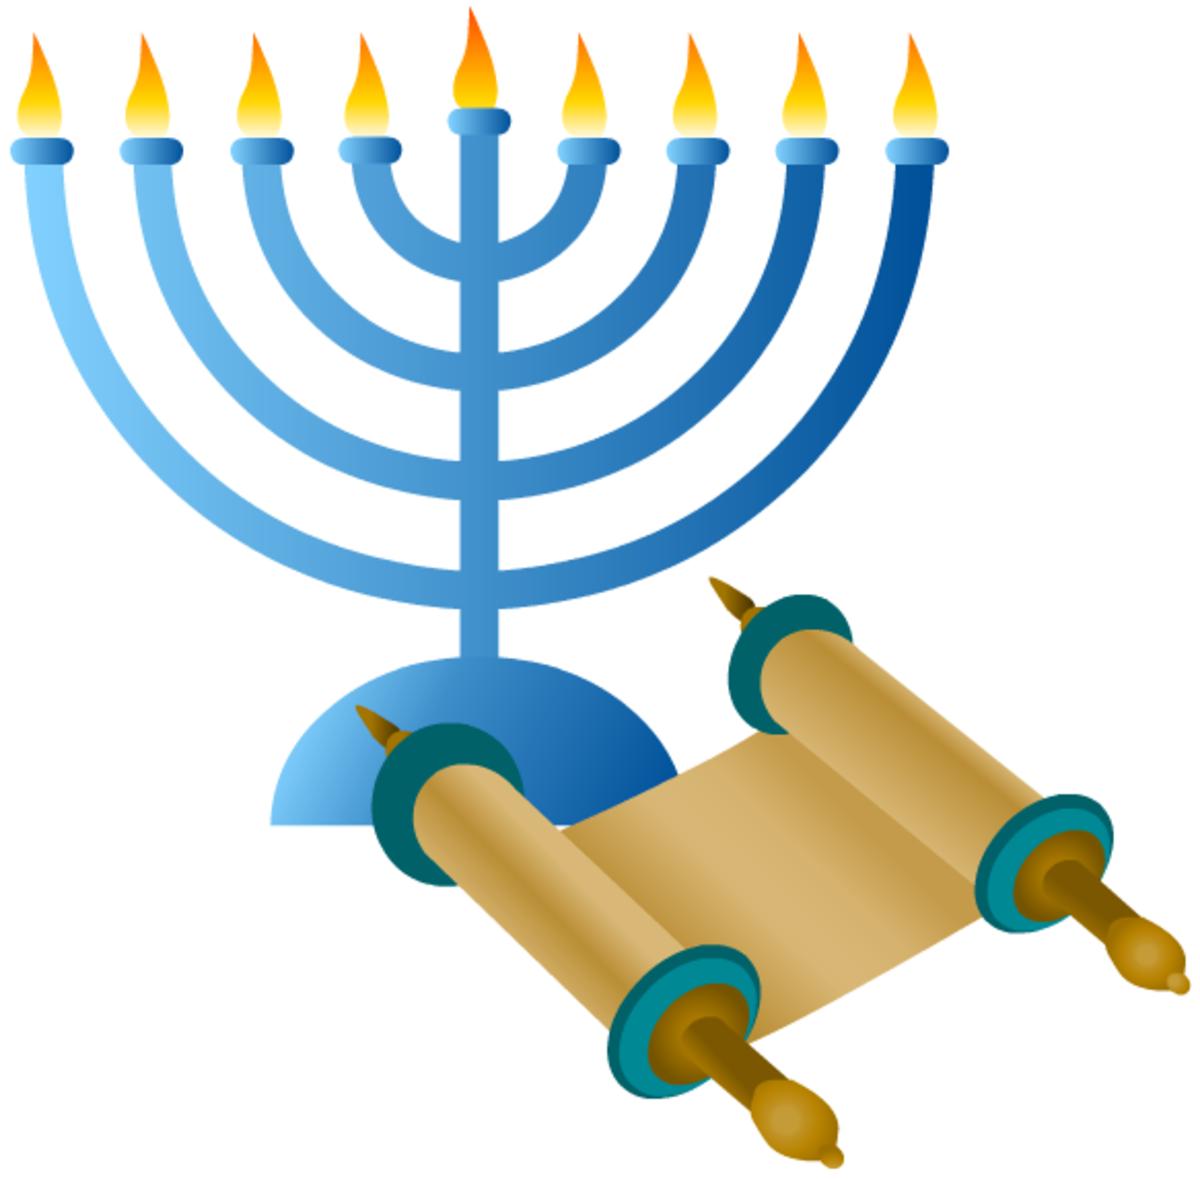 Hanukkah symbols: menorah and Torah